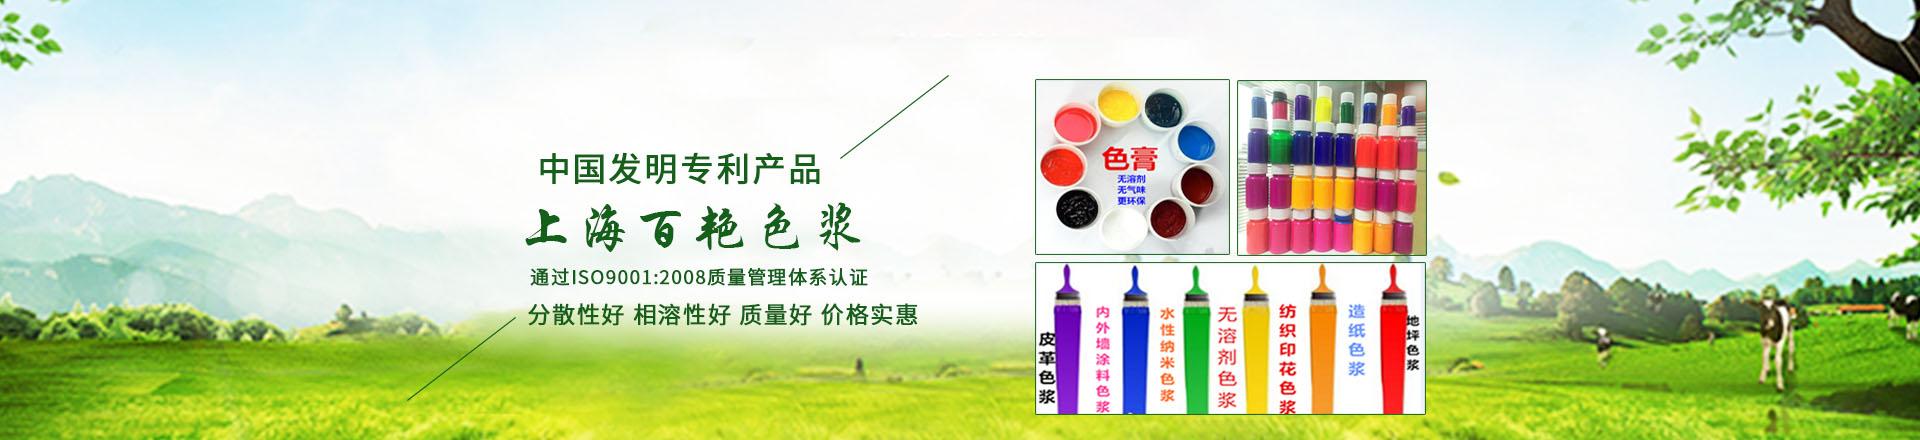 上海百艳实业有限公司-中文